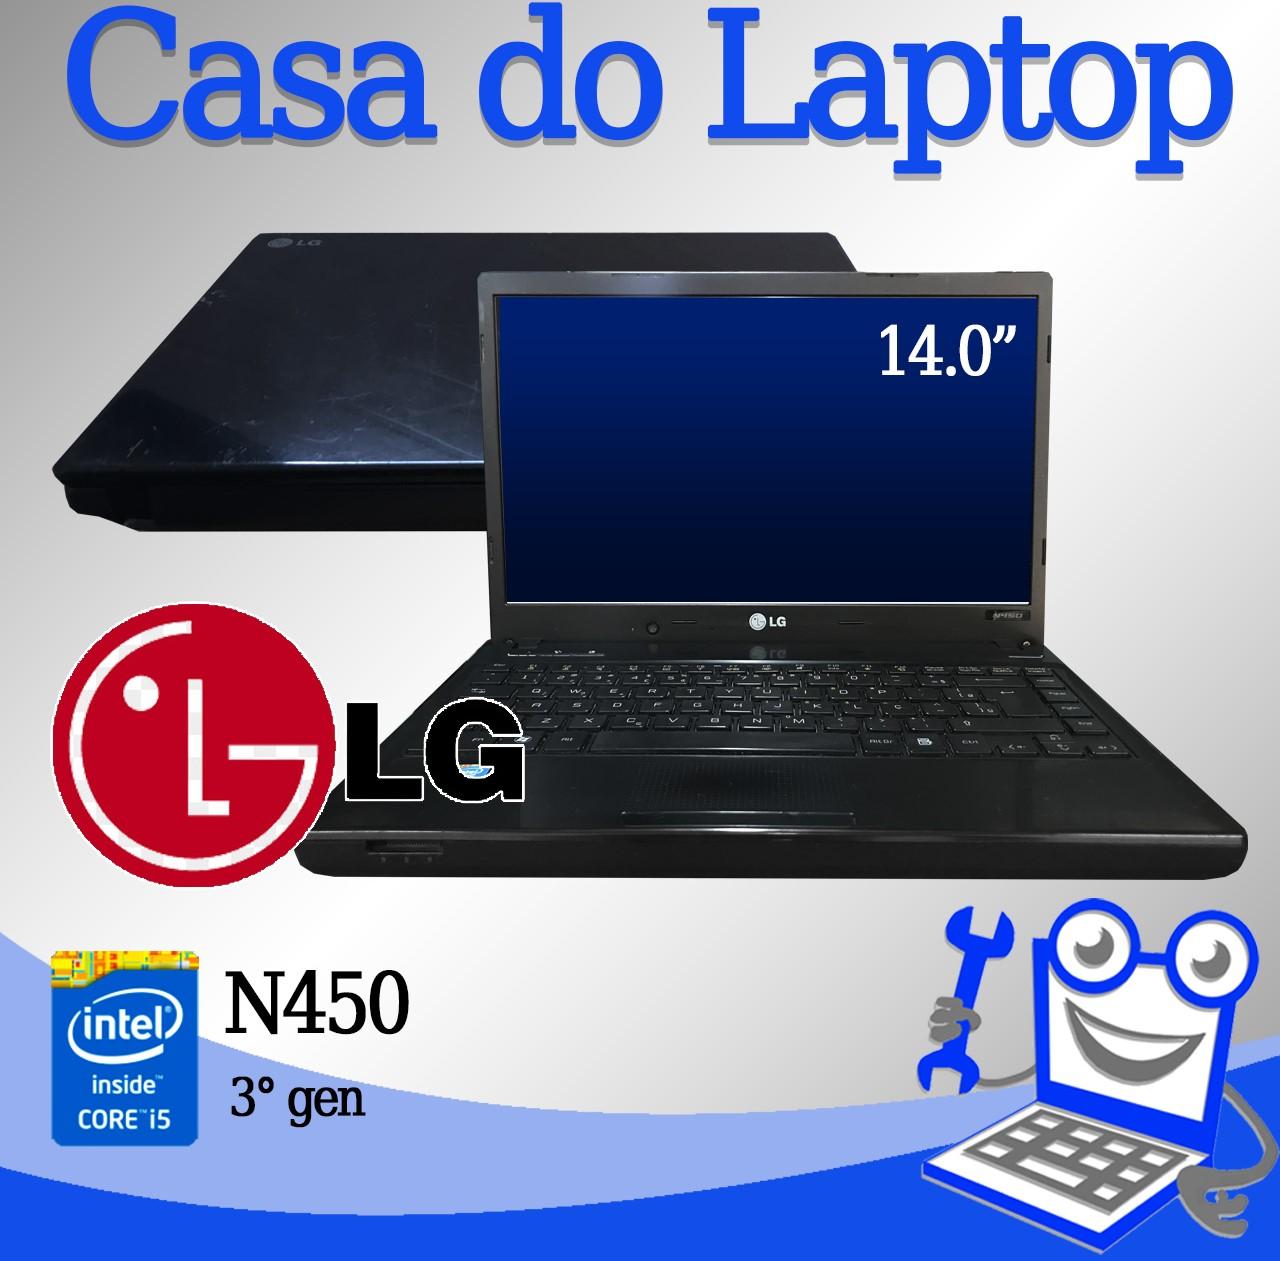 Laptop LG N450 Intel i5 3a. Geração 8GB de memória RAM e 750GB de Memória Disco